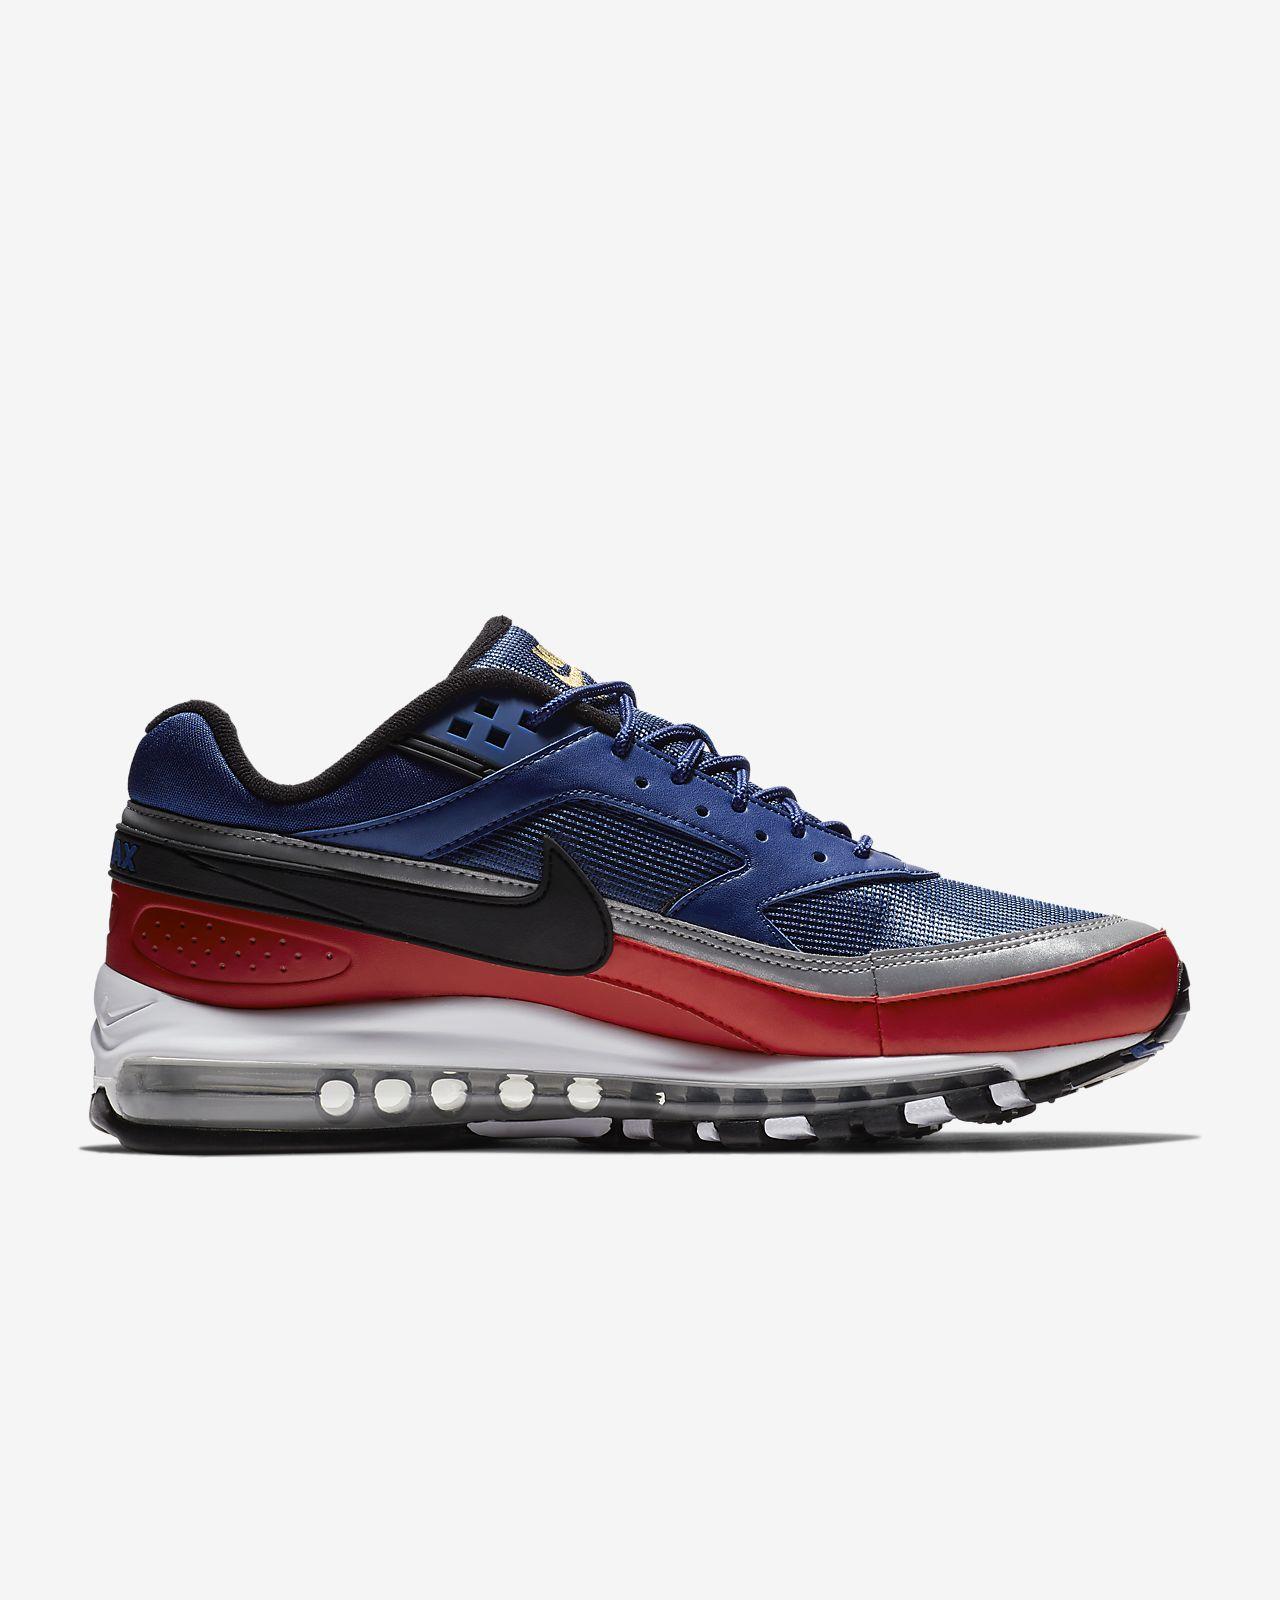 Running Nike Air Max 97 Air Cushion Herren's Schuhe Deep